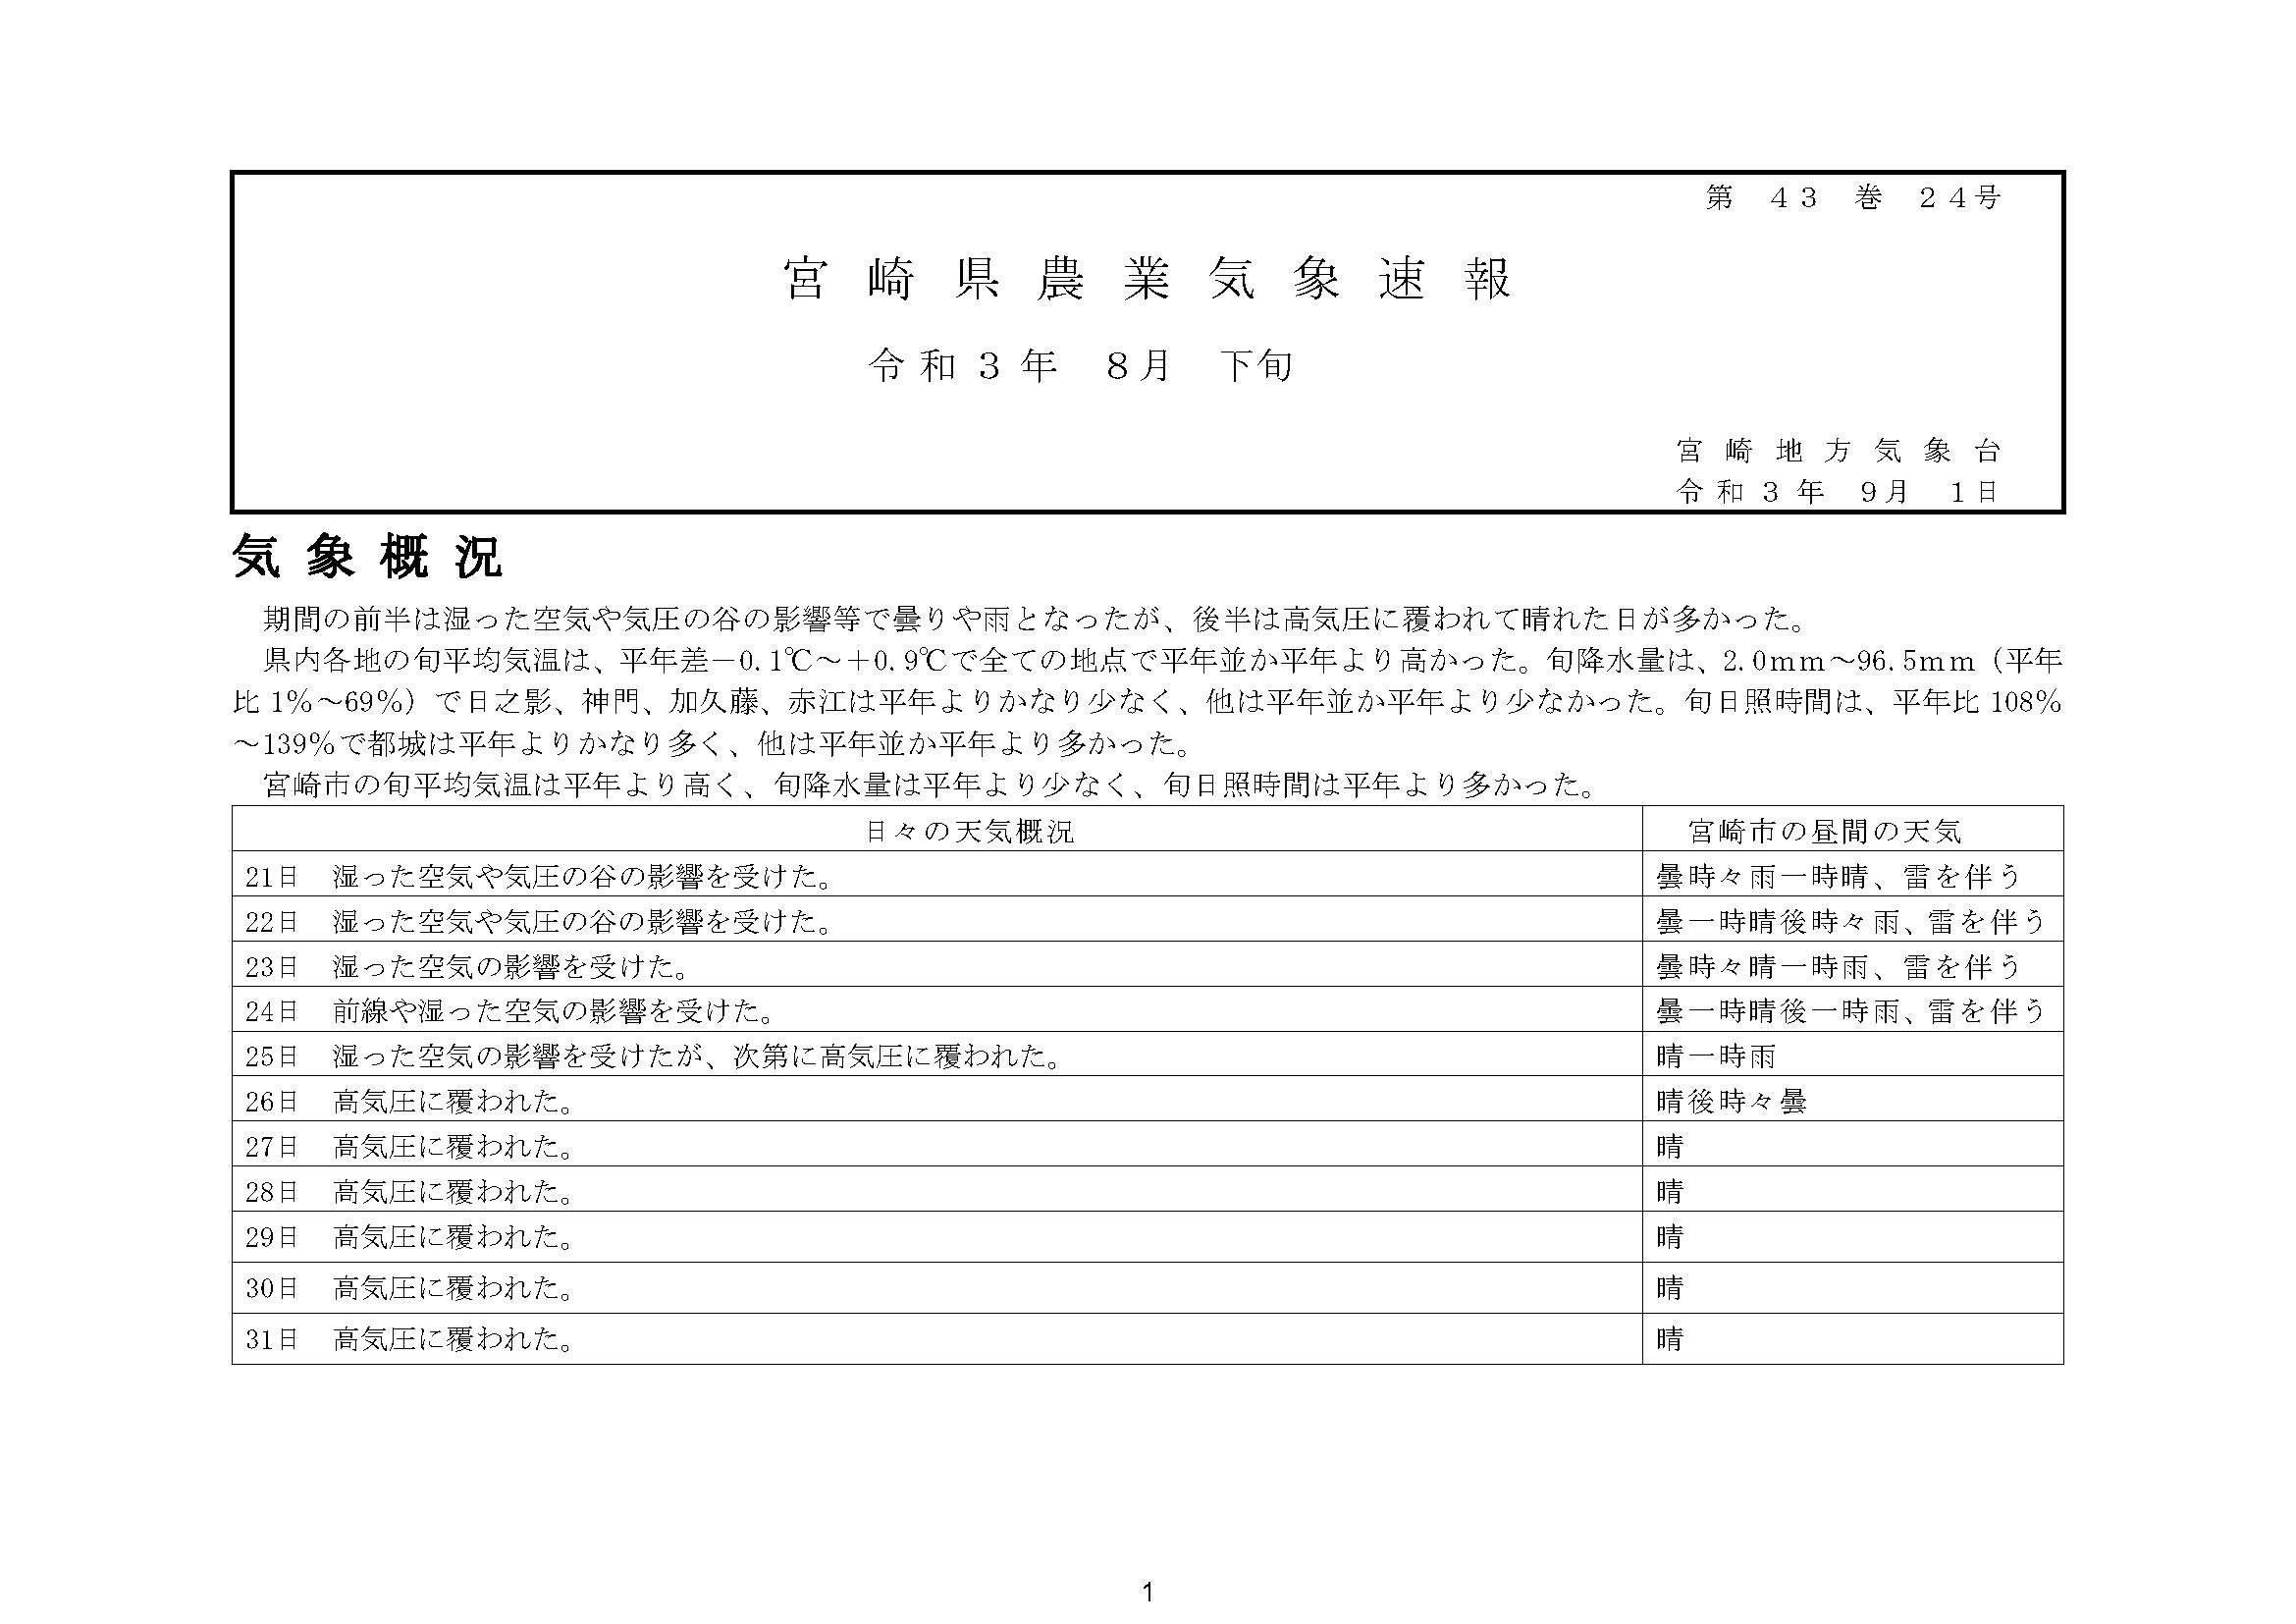 宮崎県農業気象速報令和3年8月下旬PDF